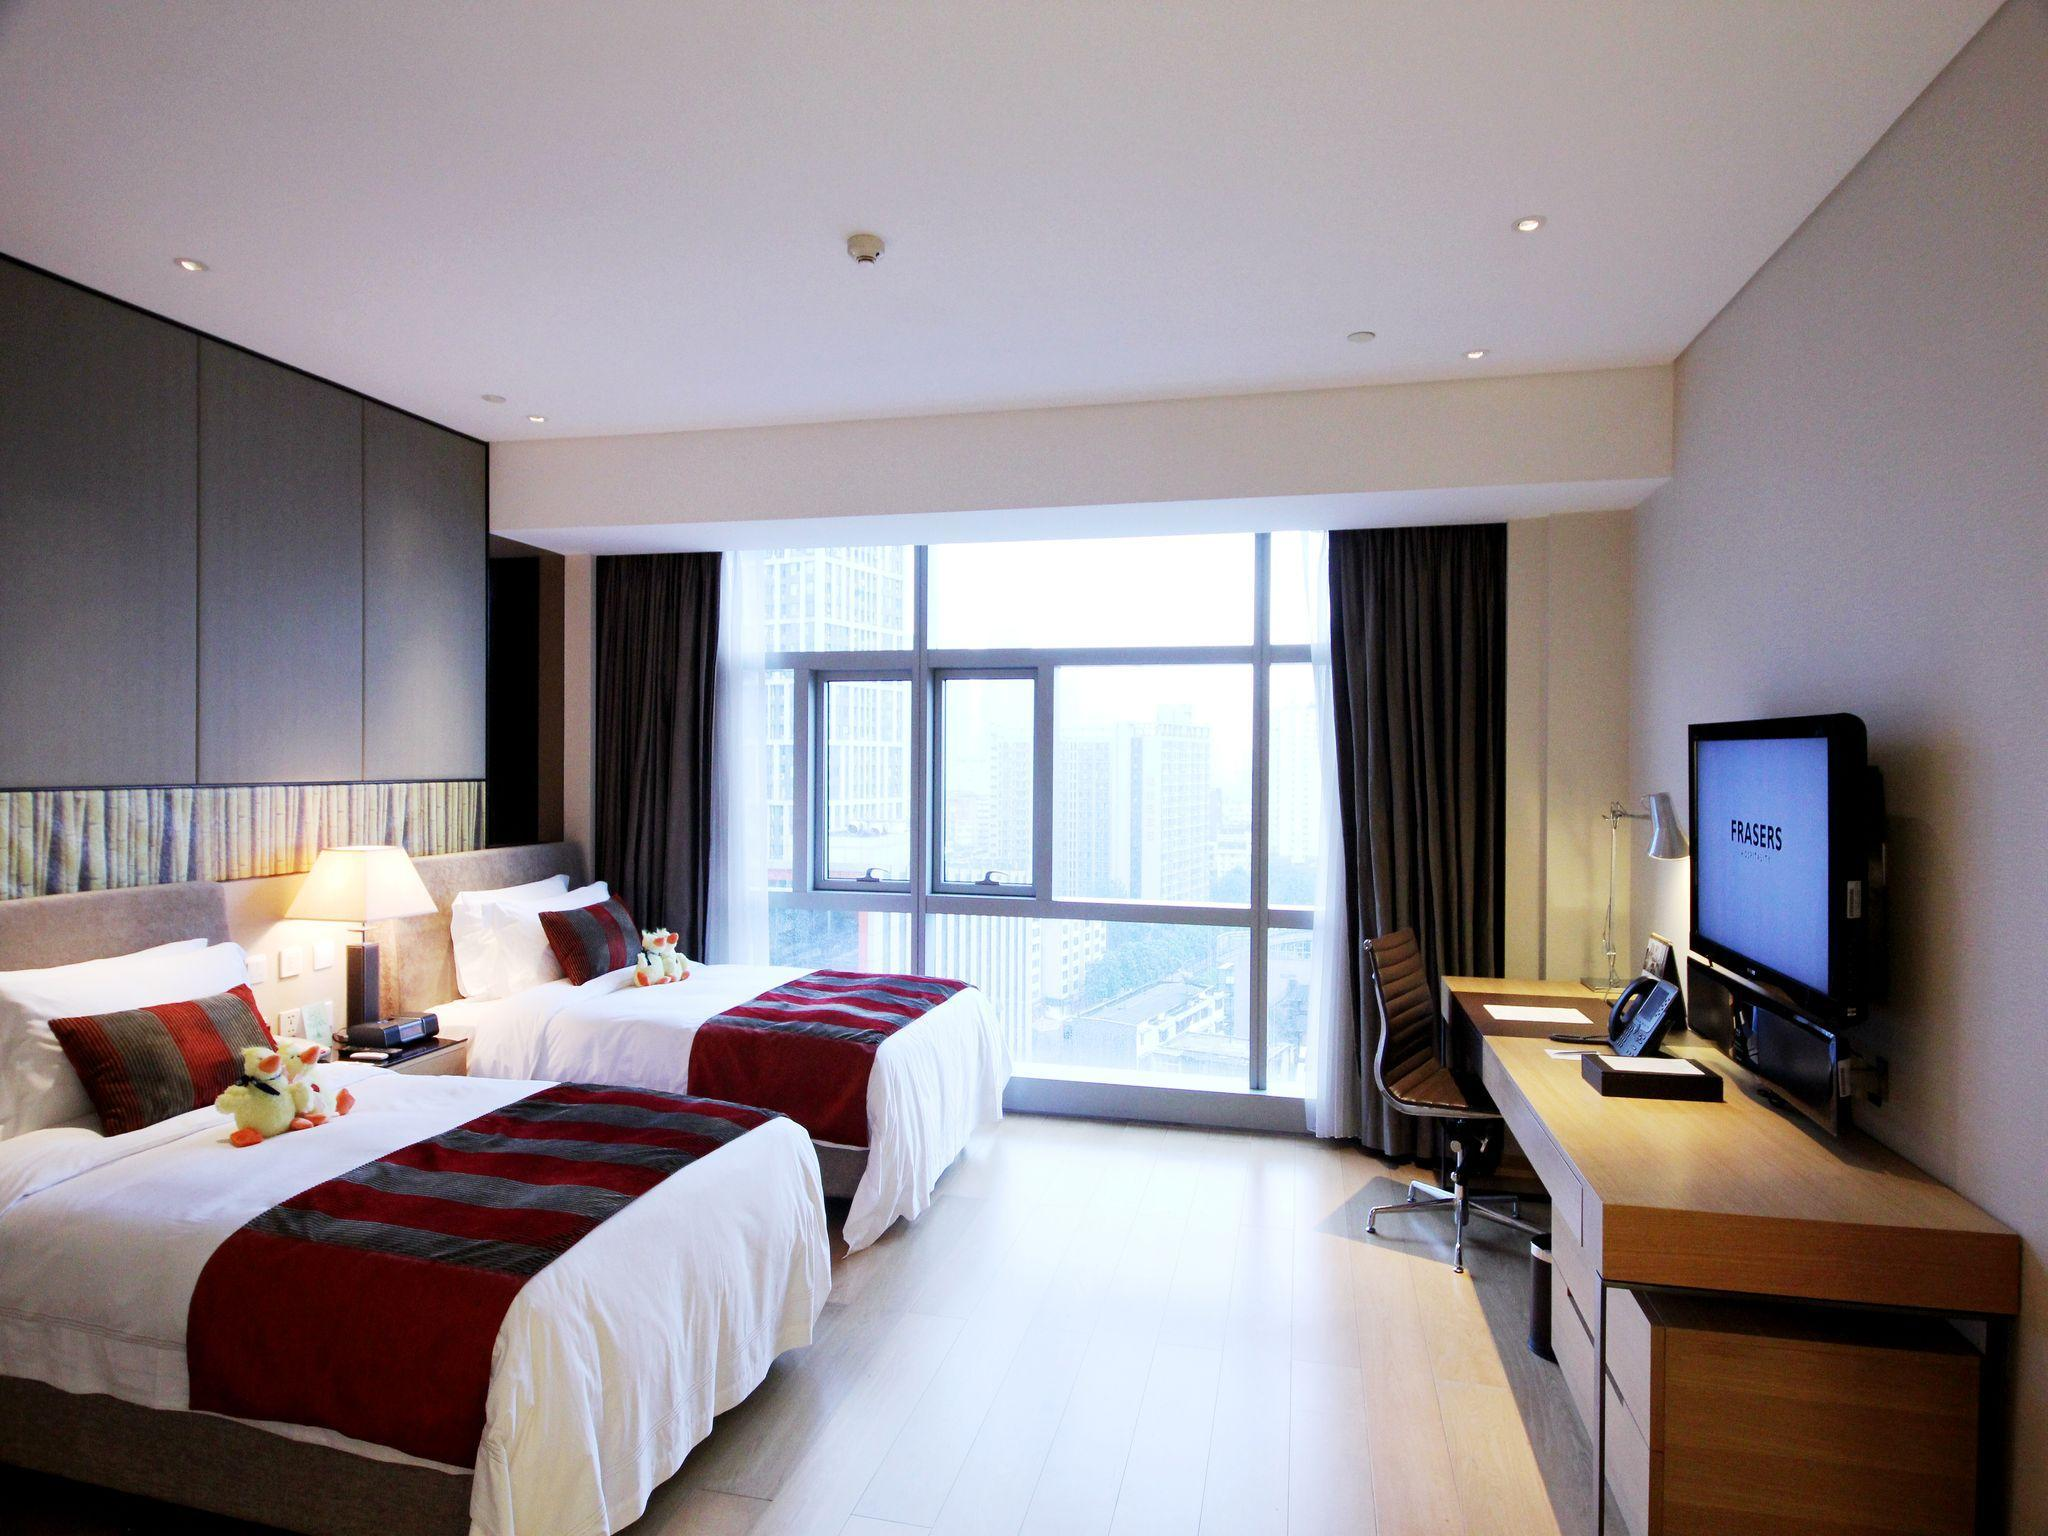 Fraser Suites Chengdu, Chengdu